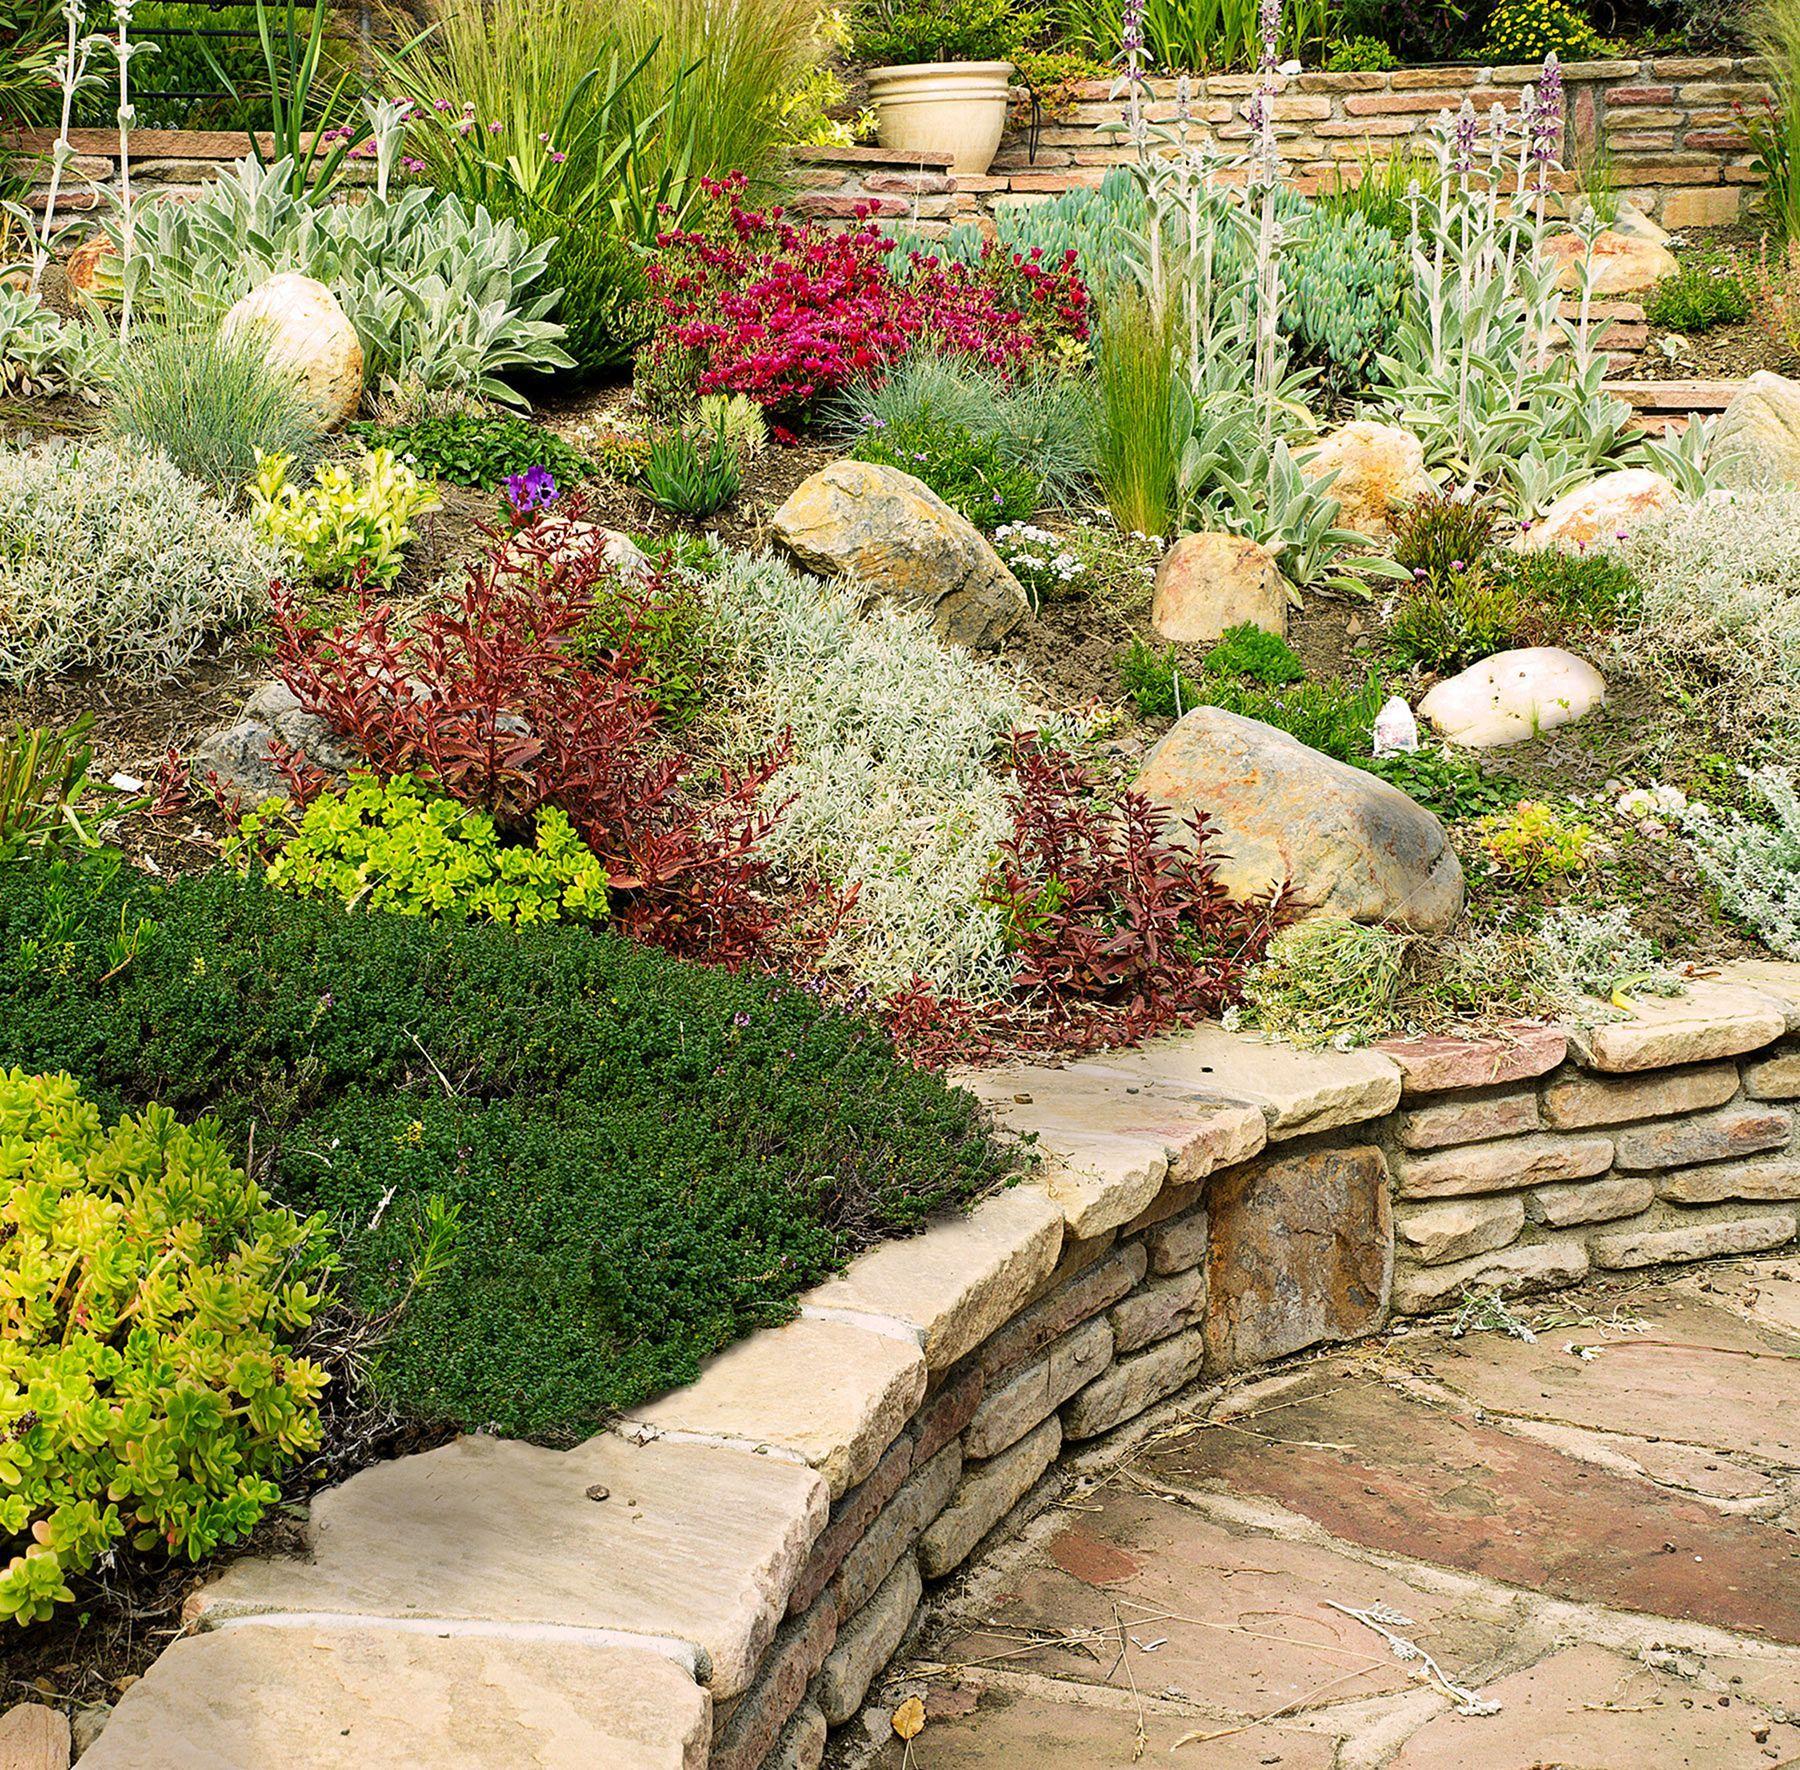 55+ The Rock Garden Design Ideas For Exciting Garden